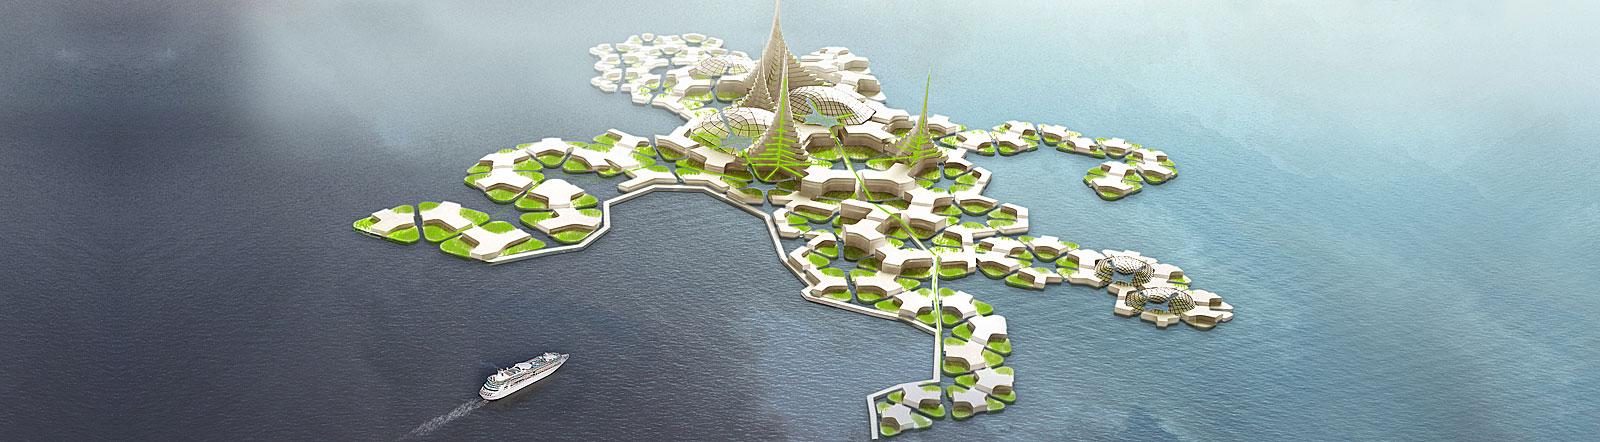 Städtebau der Zukunft, Vision des Seasteading Institute